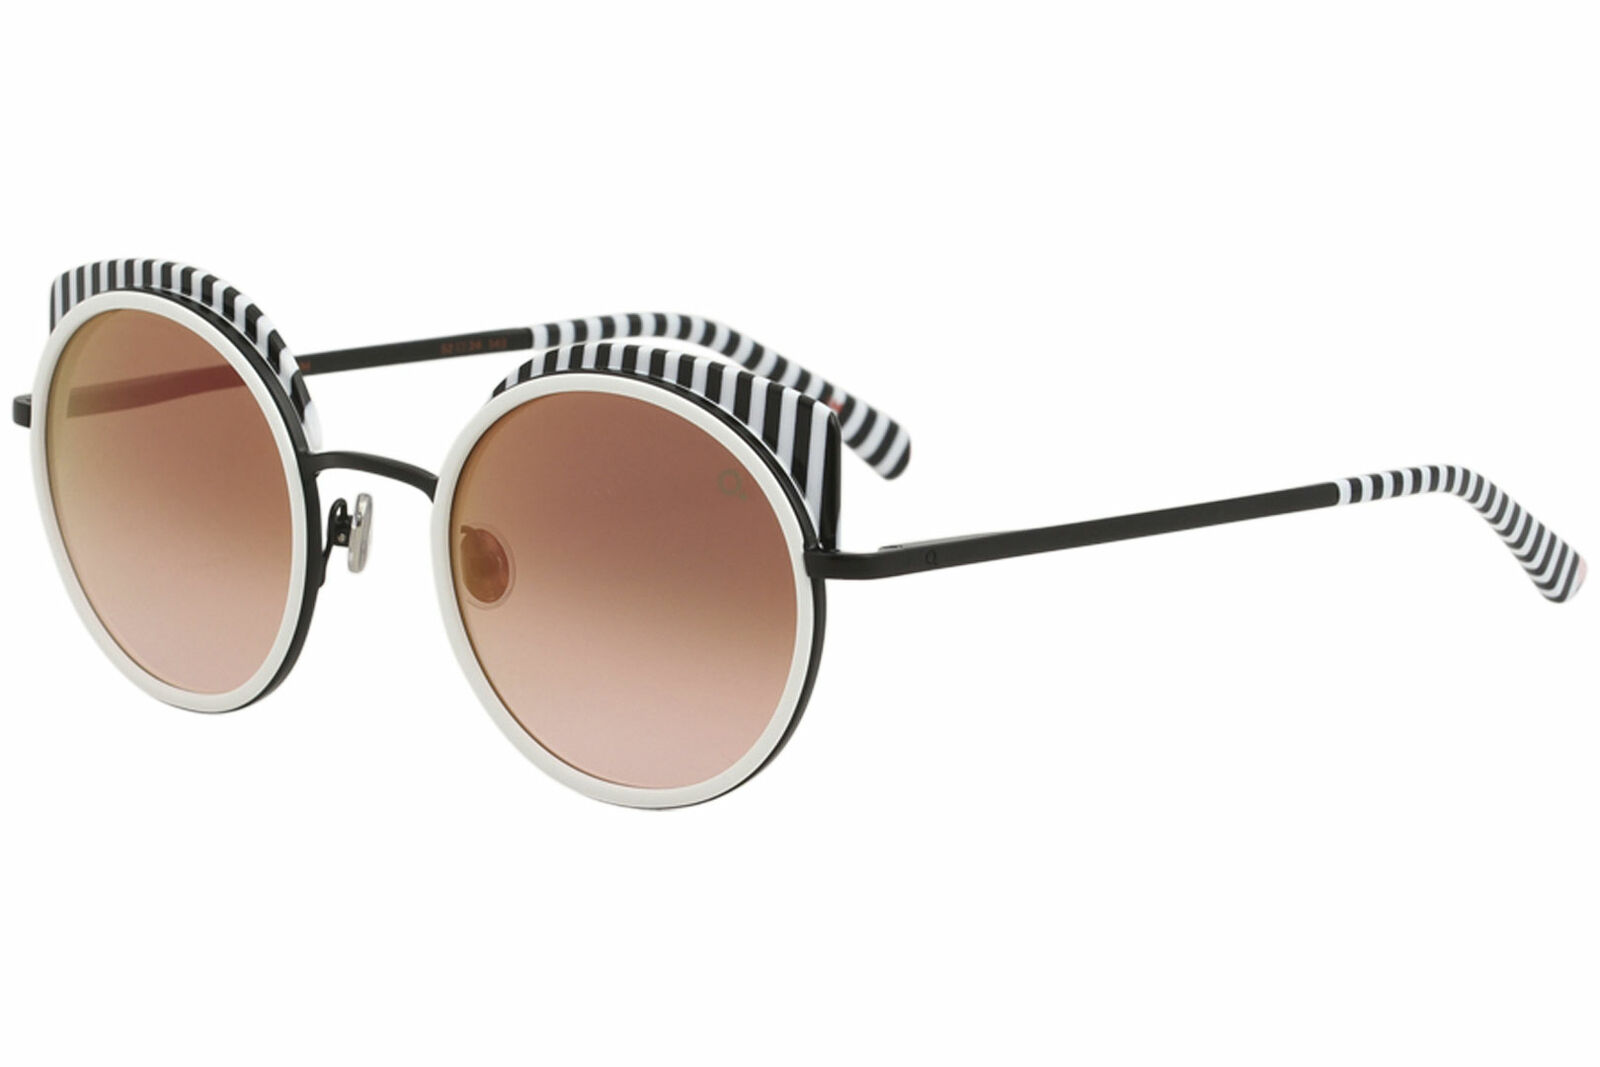 Etnia Barcelona Women's Spiga BKWH Black/White Fashion Round Sunglasses 52mm